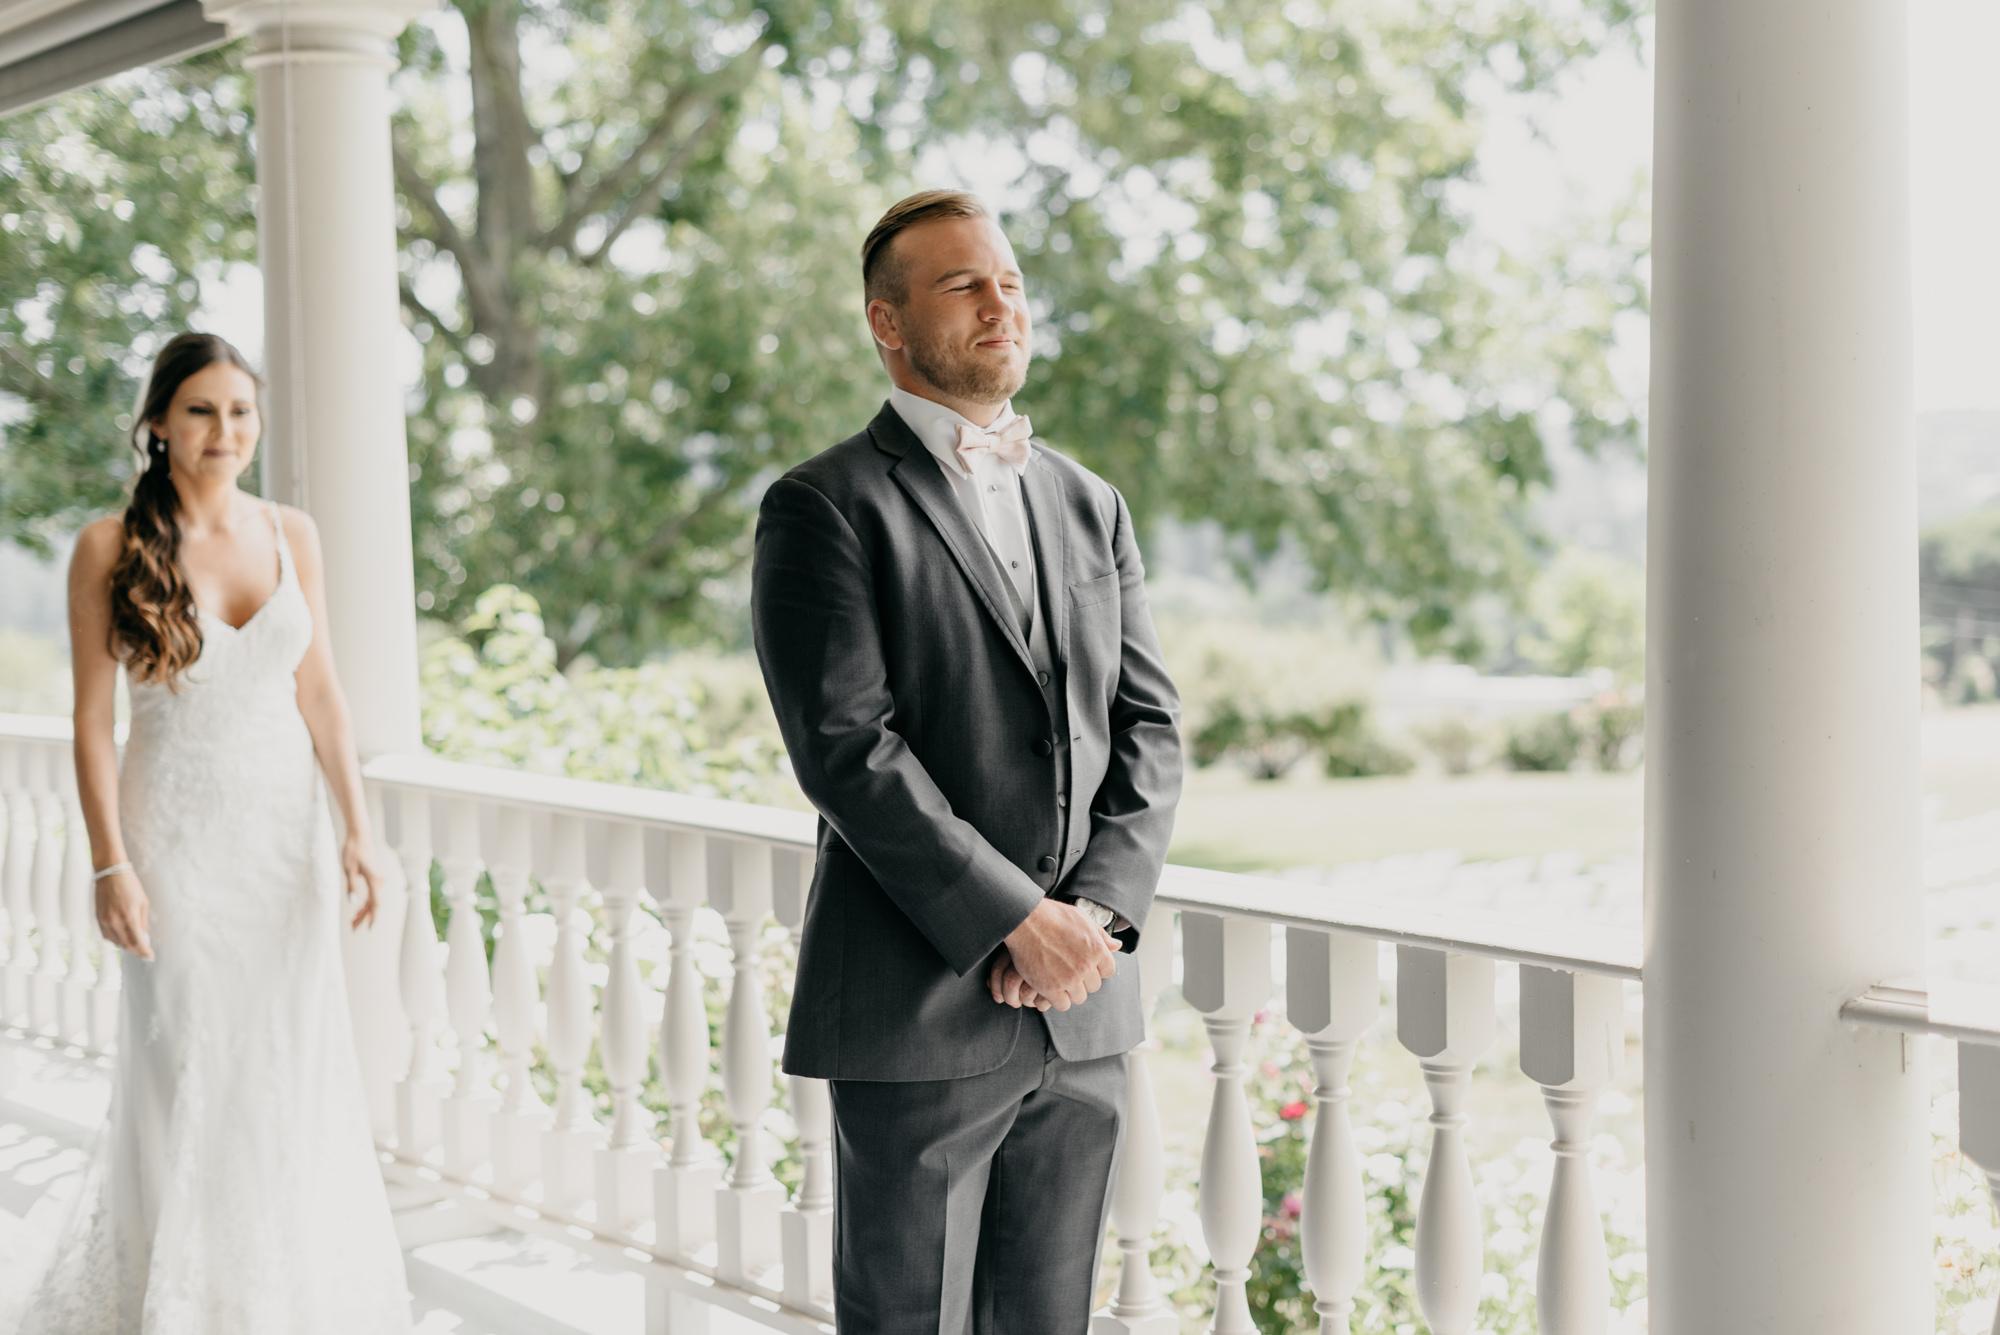 43-first-look-barn-kestrel-wedding-lake-oswego-wedding.jpg